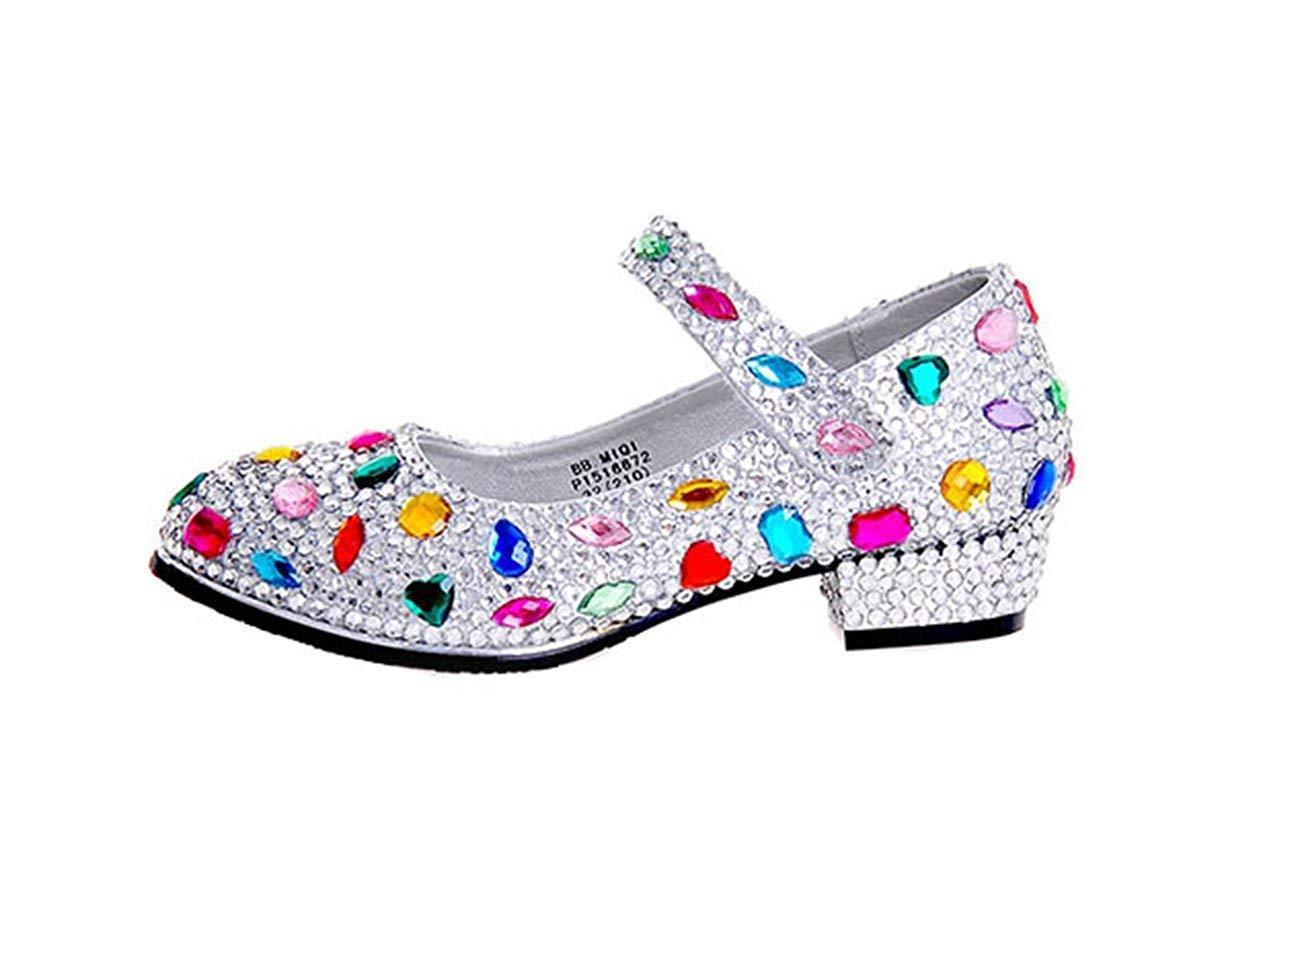 HhGold Damen Mary Jane Style Strass Low Heel Hochzeit Pumps Schuhe UK 2.5 (Farbe   -, Größe   -)